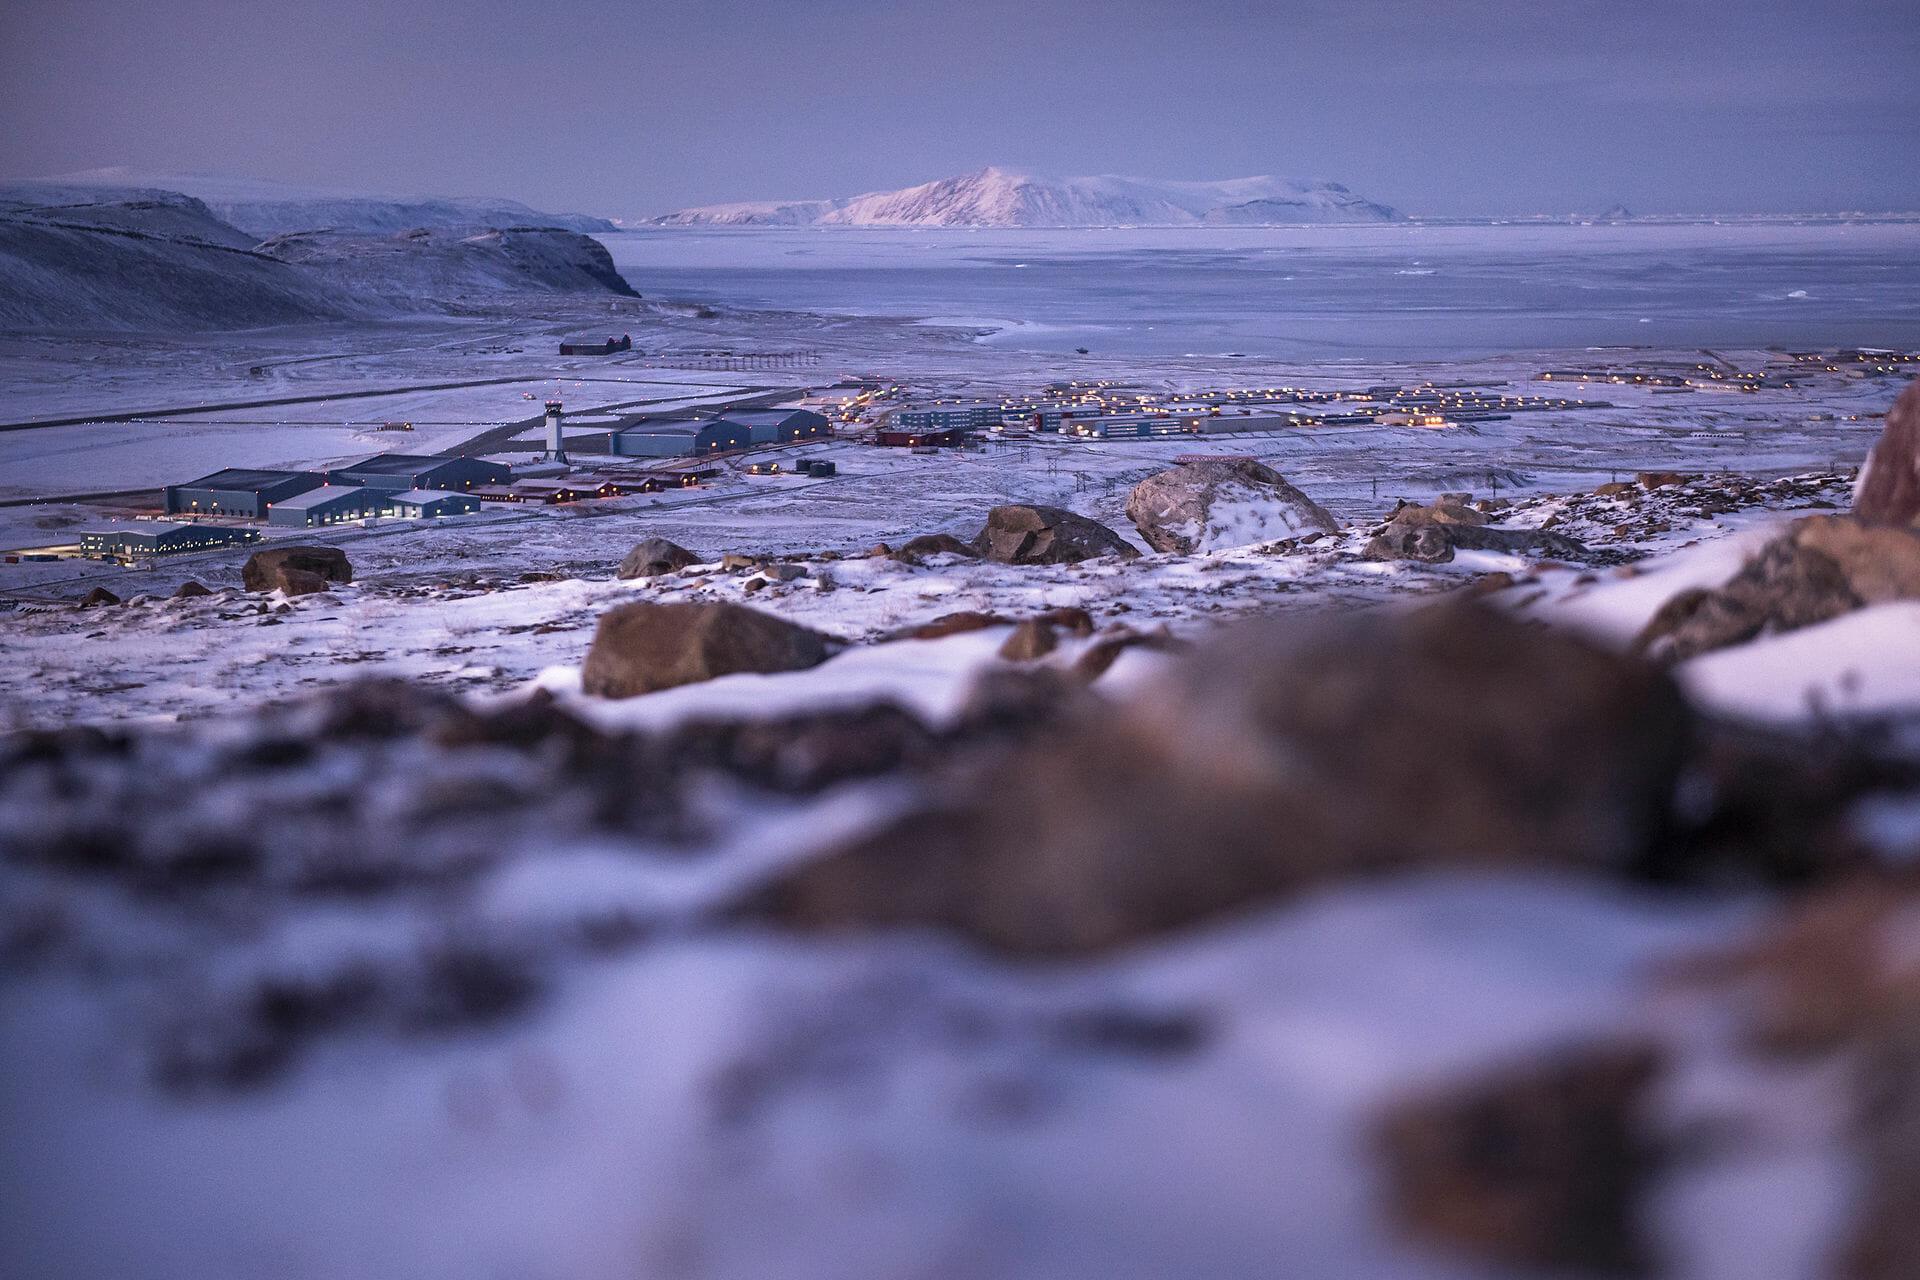 FAKTA: Thulebasen i Grønlands iskolde nordvest